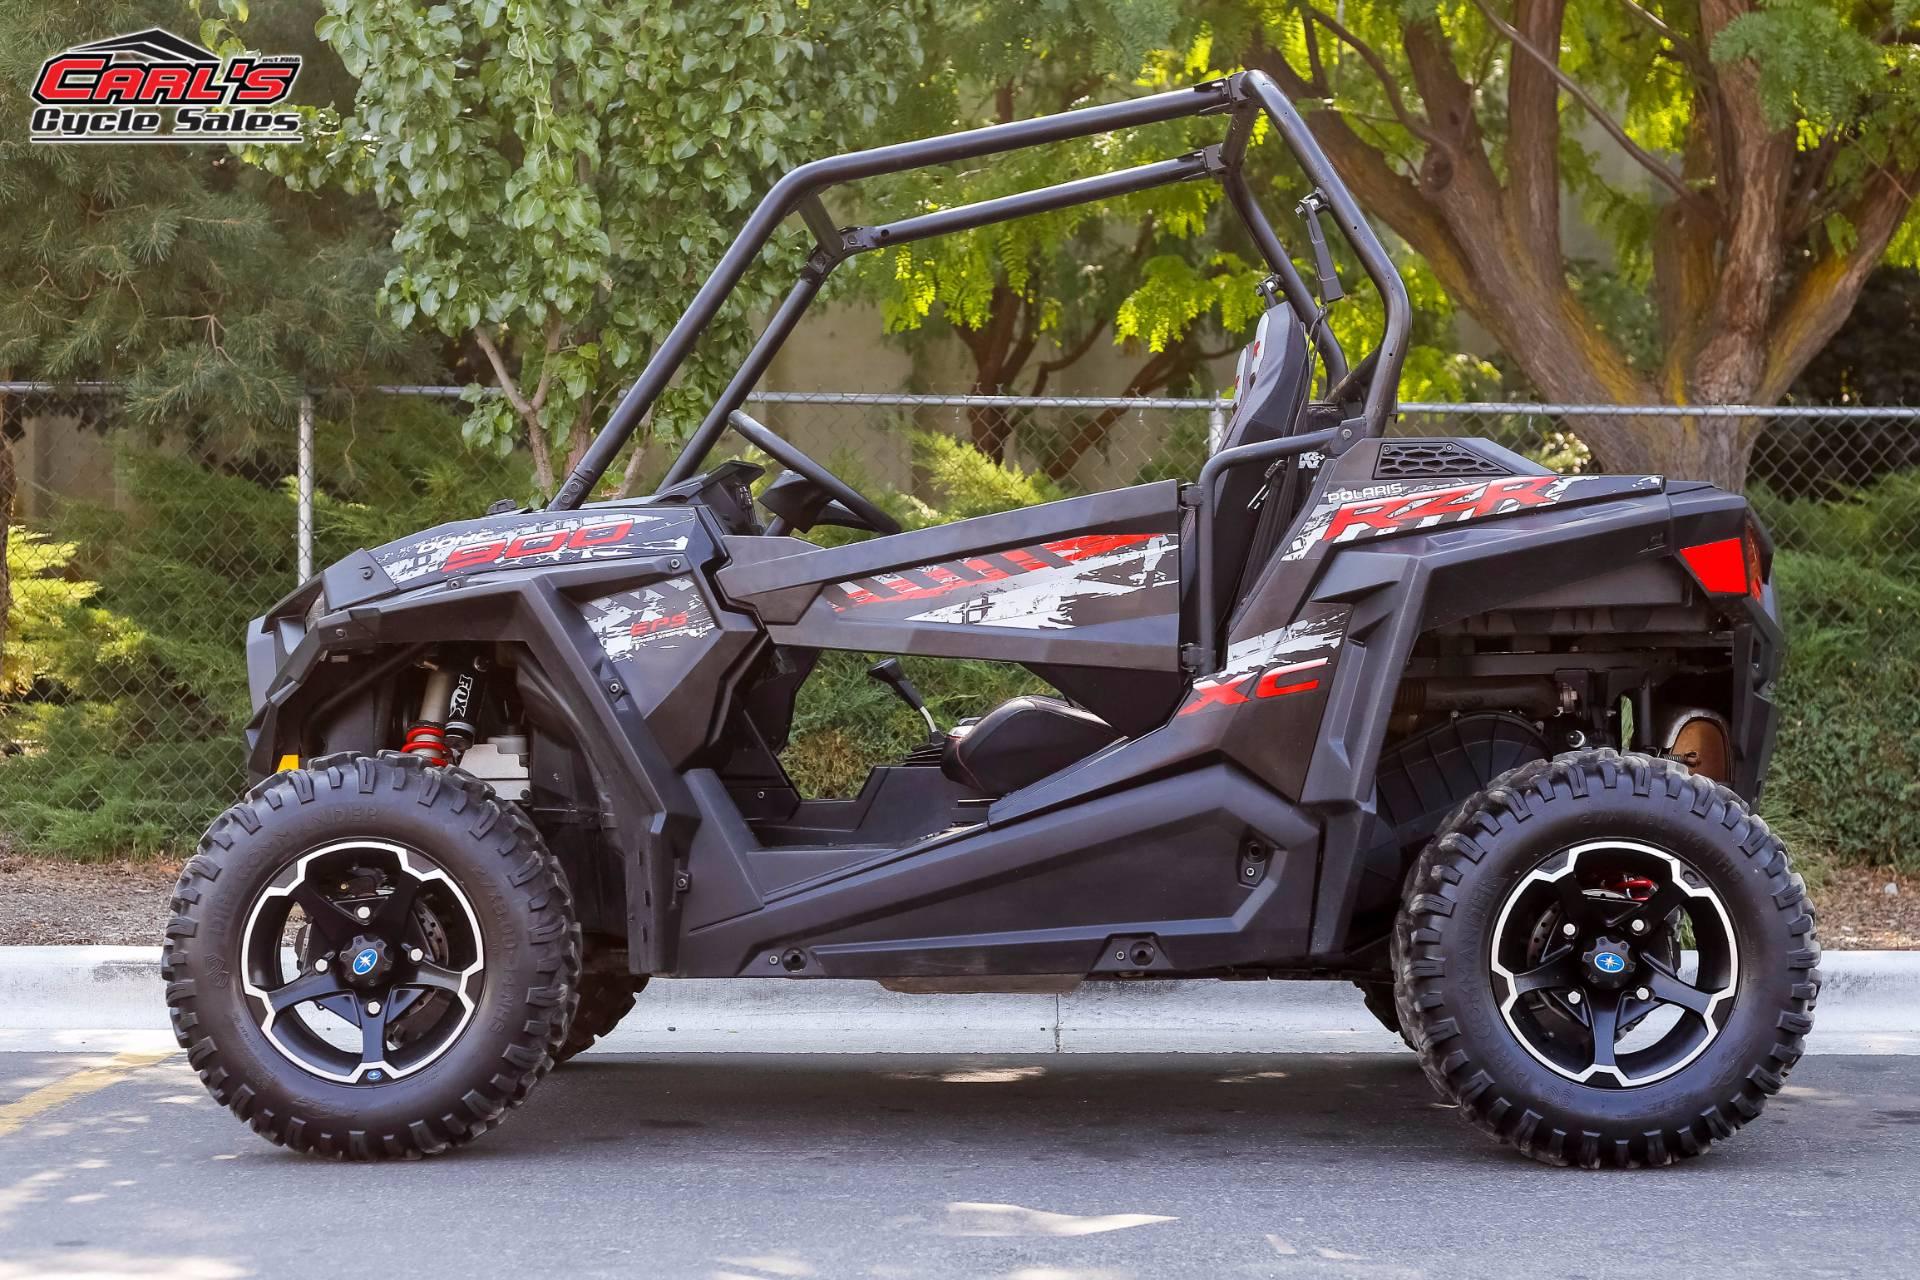 2015 RZR 900 XC Edition